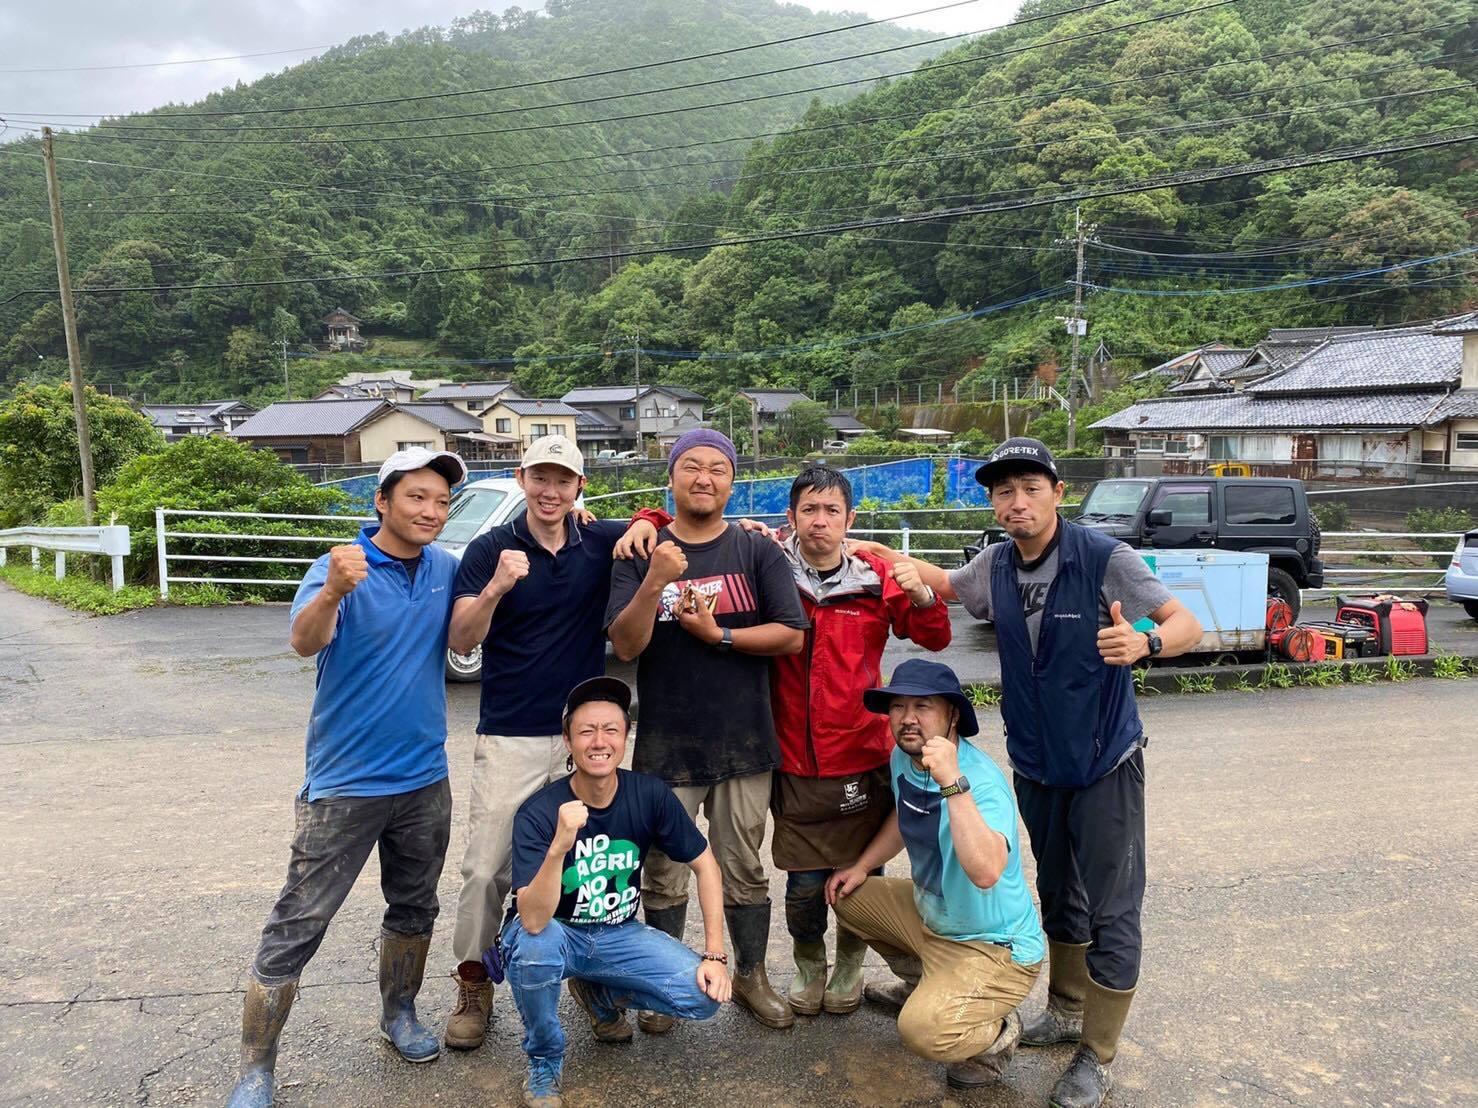 豪雨災害の翌日、県内各地から釜さんの元にメンバーが駆け付けてくれたときの写真